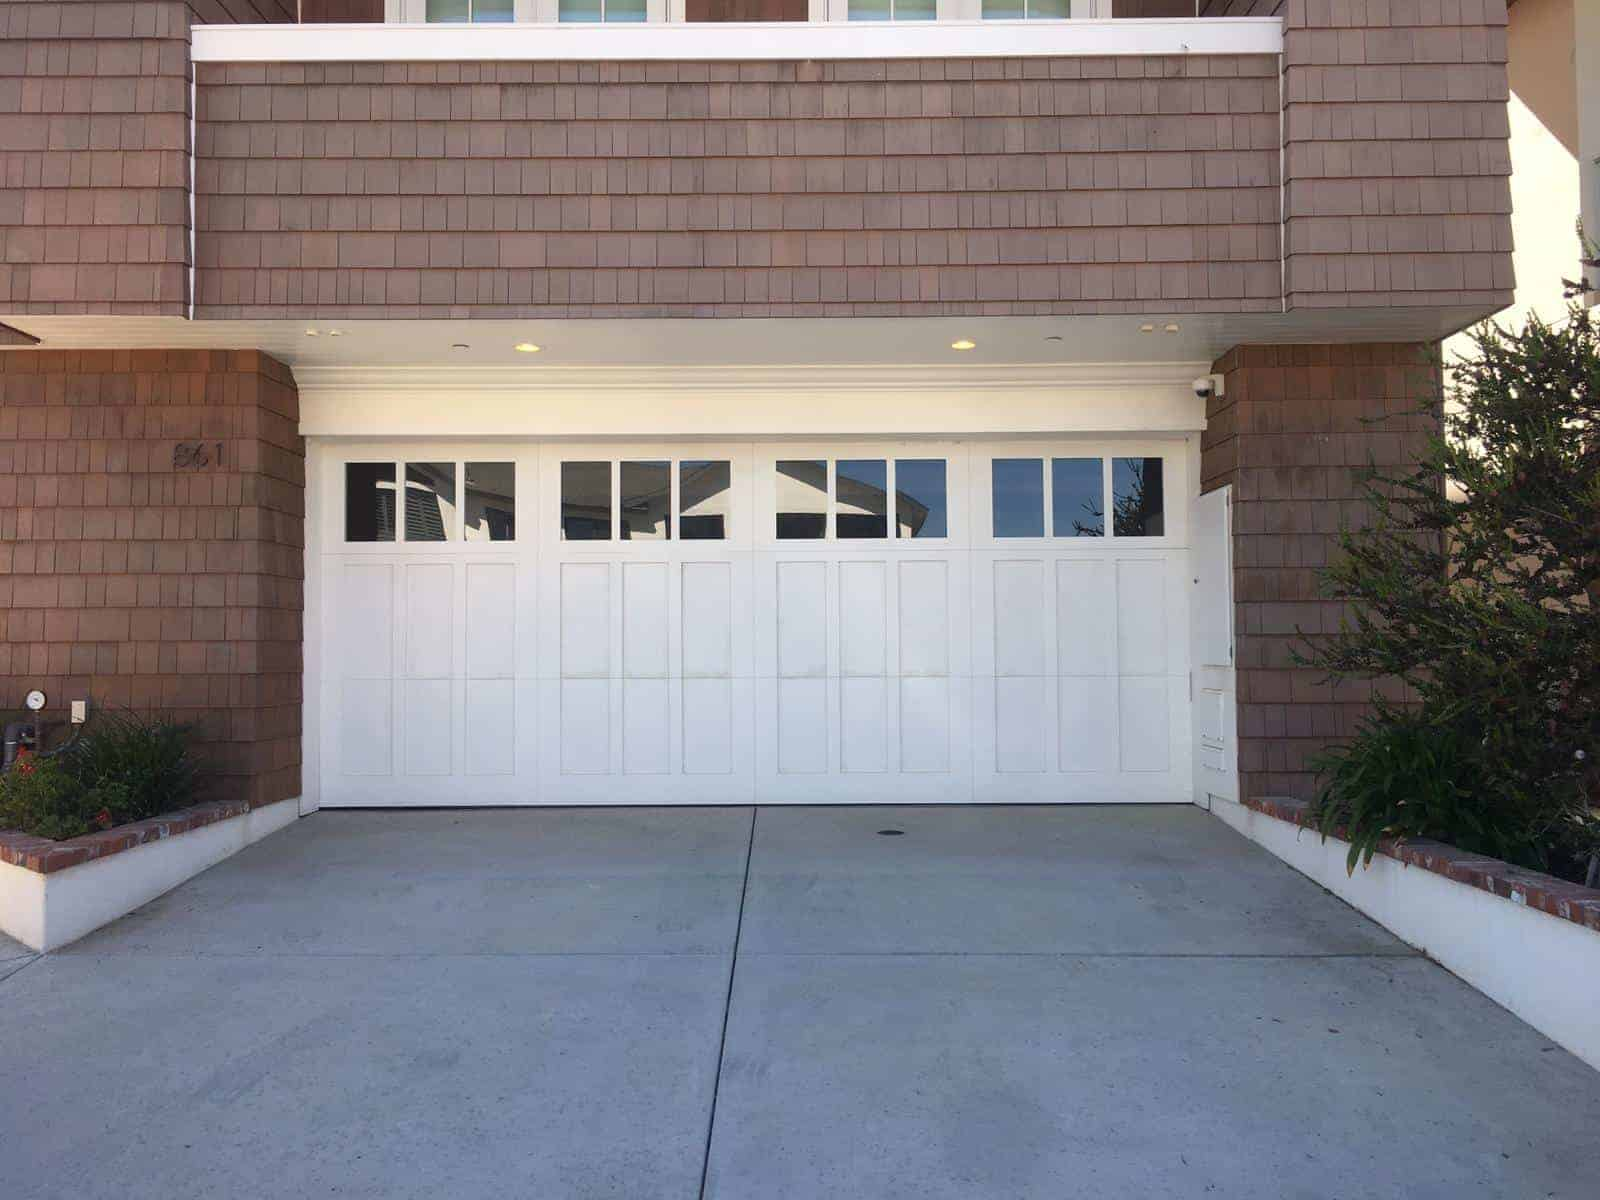 Burlingame CA Garage Door Repair & Replacement